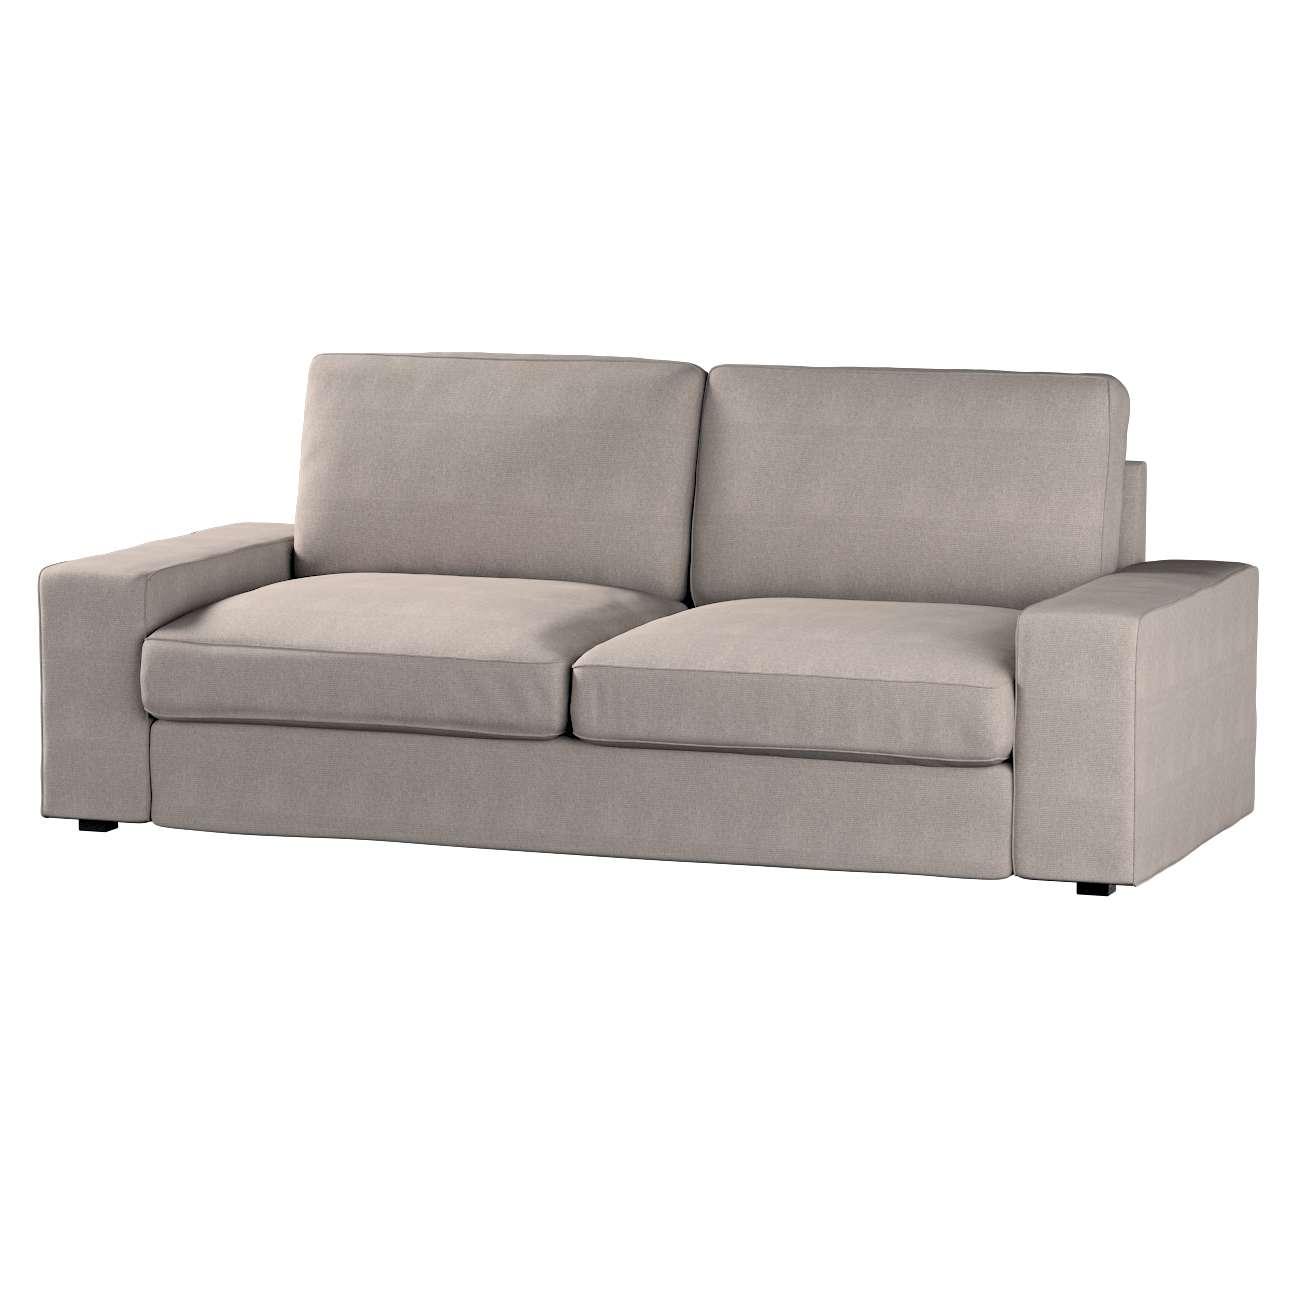 KIVIK trivietės sofos užvalkalas Kivik 3-seat sofa kolekcijoje Etna , audinys: 705-09